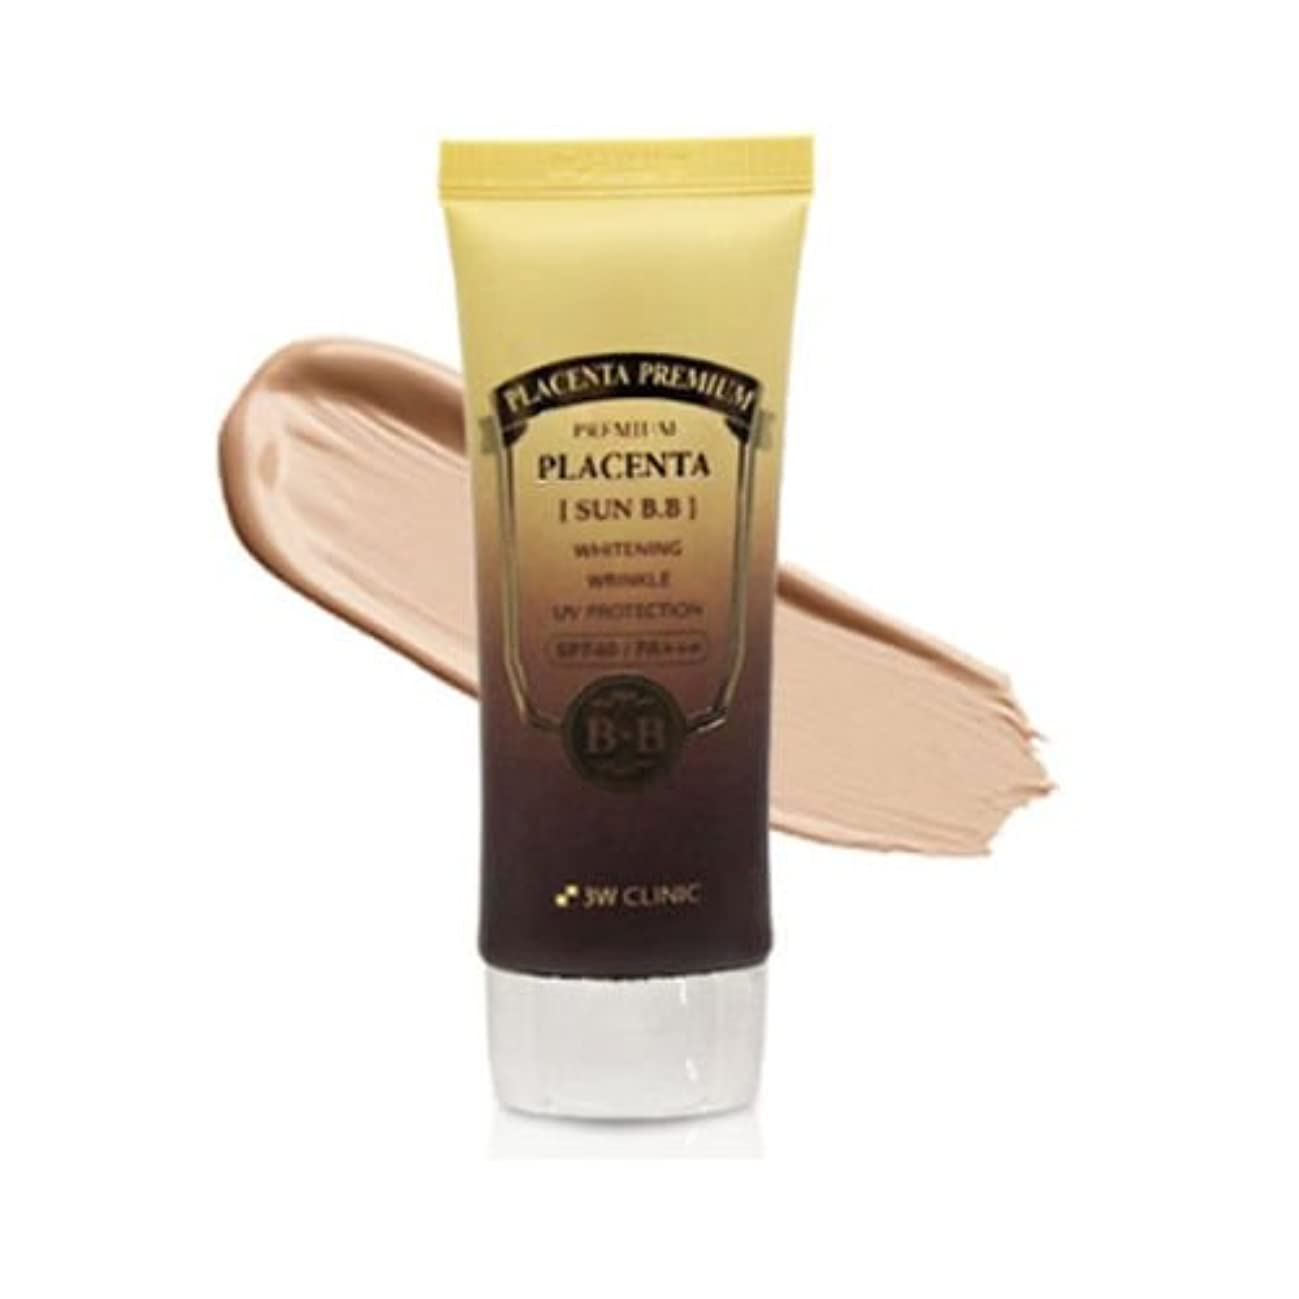 座標原点コンセンサス3Wクリニック[韓国コスメ3w Clinic]Premium Placenta Sun BB Cream プレミアムプラセンタサンBBクリーム70ml SPF40 PA+++ UV しわ管理[並行輸入品]